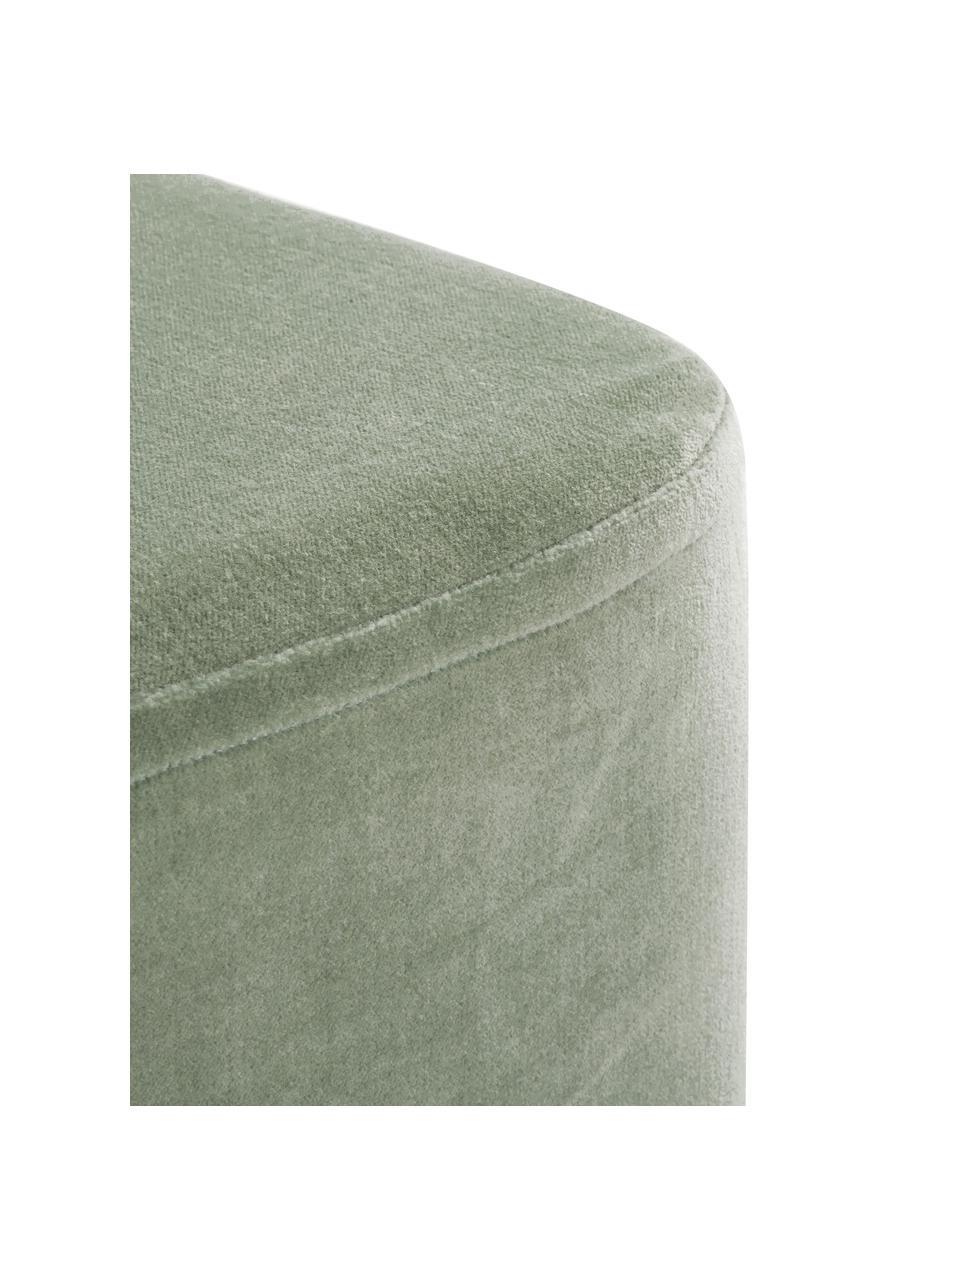 Samt-Hocker Harper, Bezug: Baumwollsamt, Fuß: Metall, pulverbeschichtet, Samt Salbeigrün, Goldfarben, 46 x 44 cm